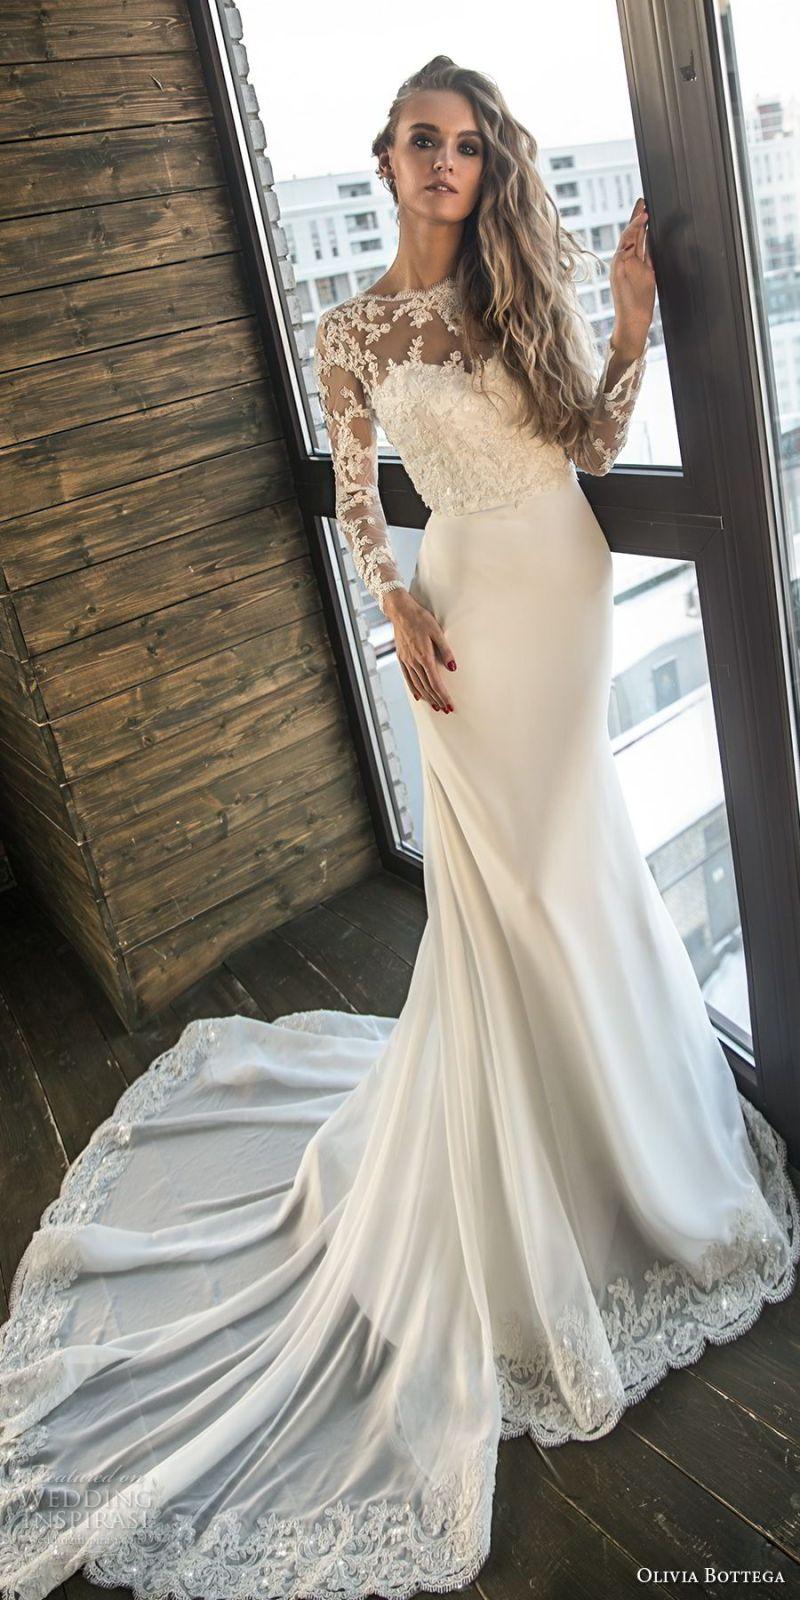 olivia bottega 2018 bridal long sleeves illusion bateau sweetheart neckline heavily embellished bodice elegant fit and flare wedding dress v back chapel train (7) mv